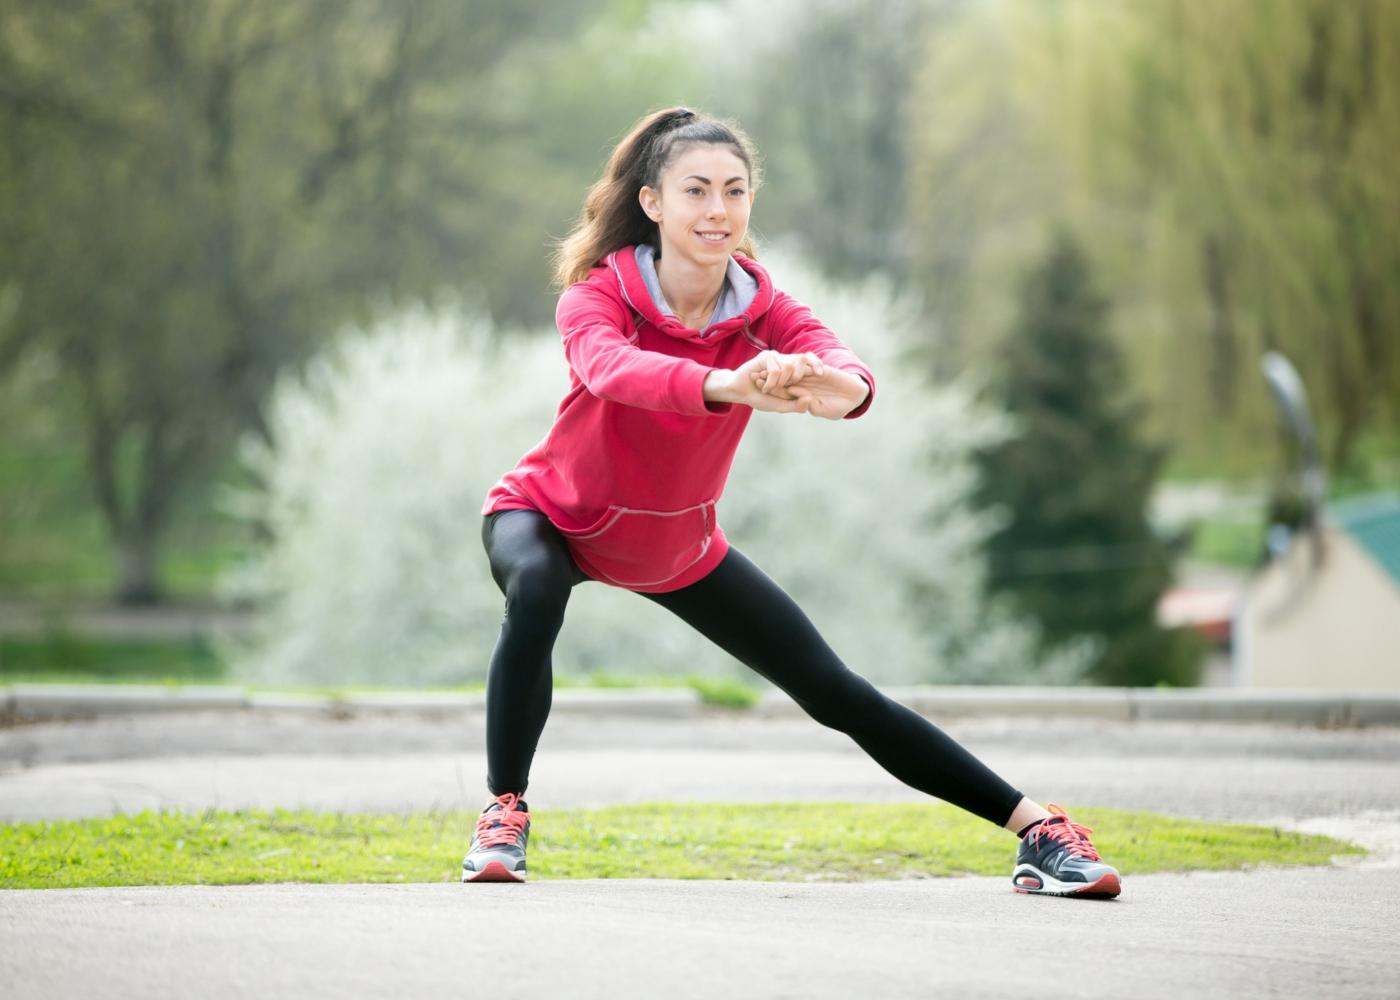 Treino ao ar livre: lunges laterais